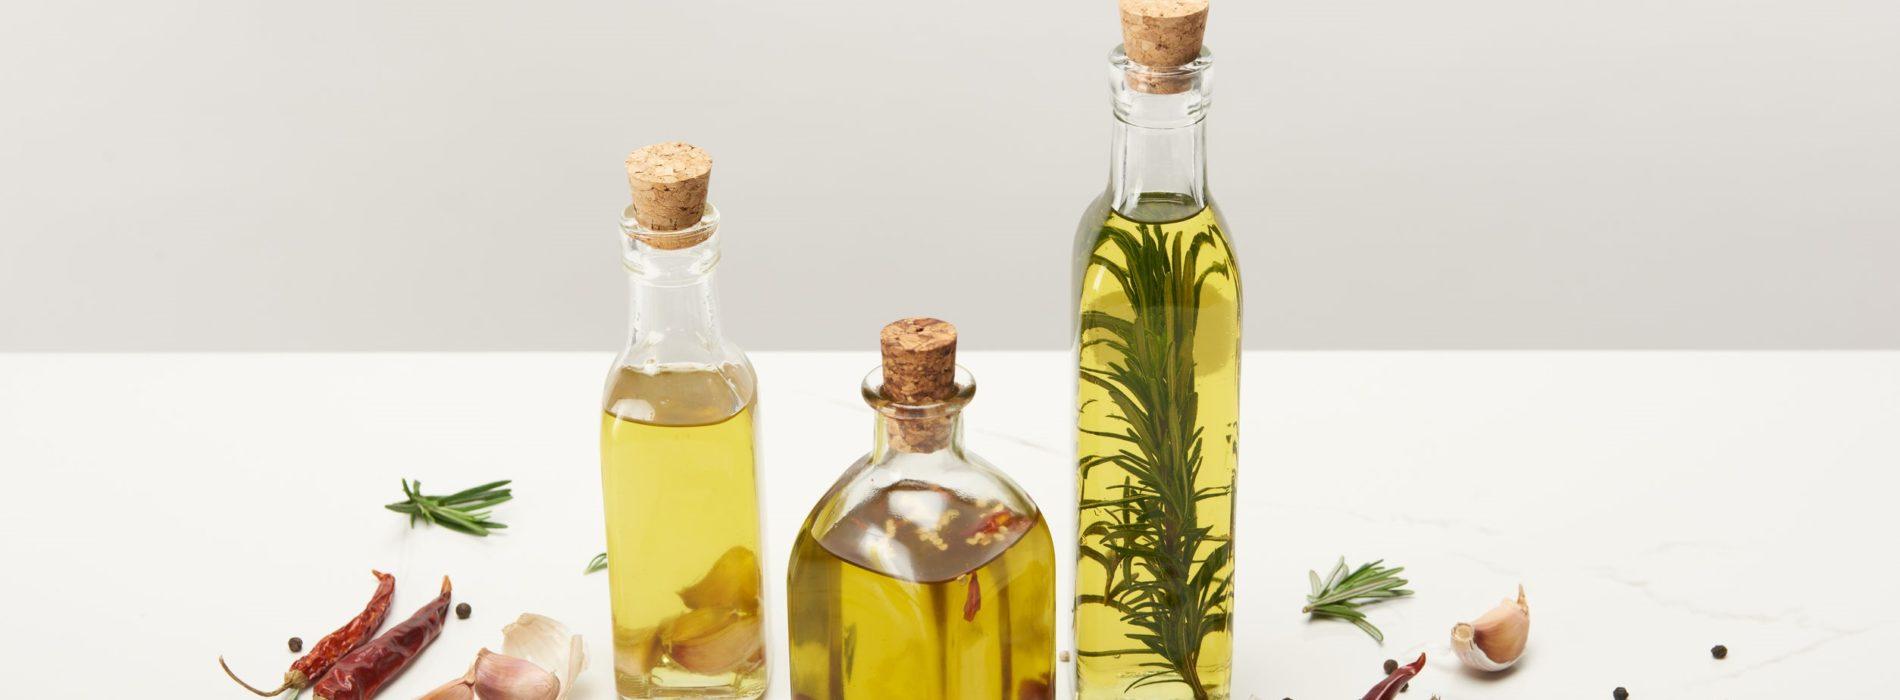 Olej laurowy – Co zawiera, jakie ma właściwości i zastosowanie?